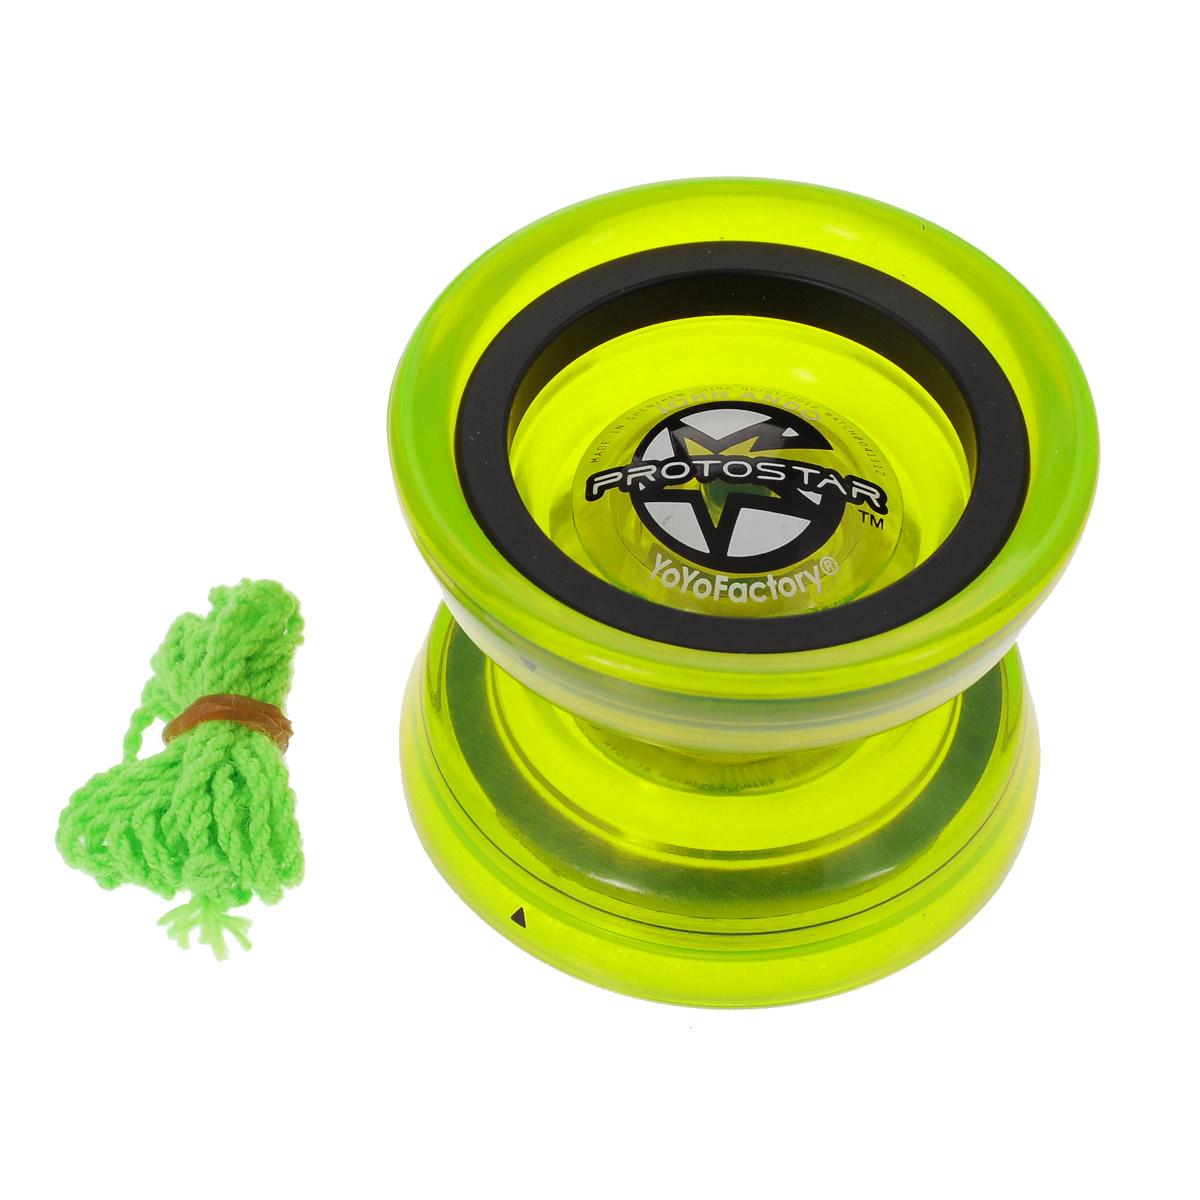 Йо-йо YoYoFactory Protostar, цвет: зеленый йо йо duncan raptor href